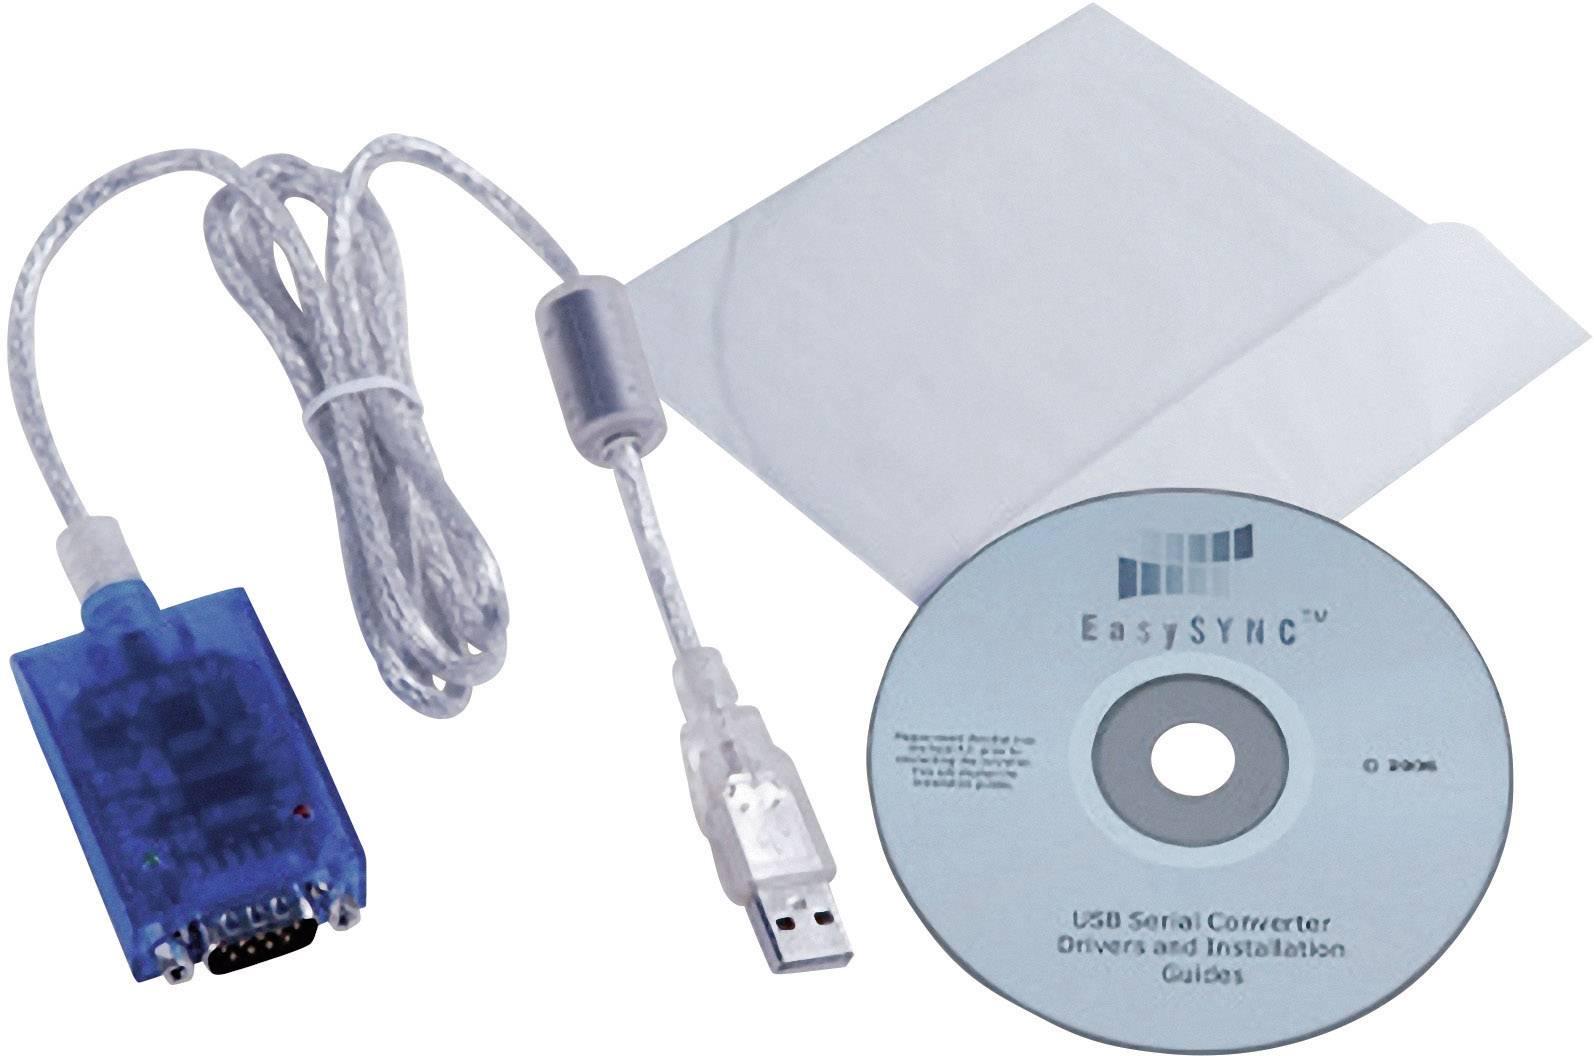 Adaptér Metrel A1171 83005380, vhodný pro revizní přístroje MI 2170, MI 2077 a MI 2094